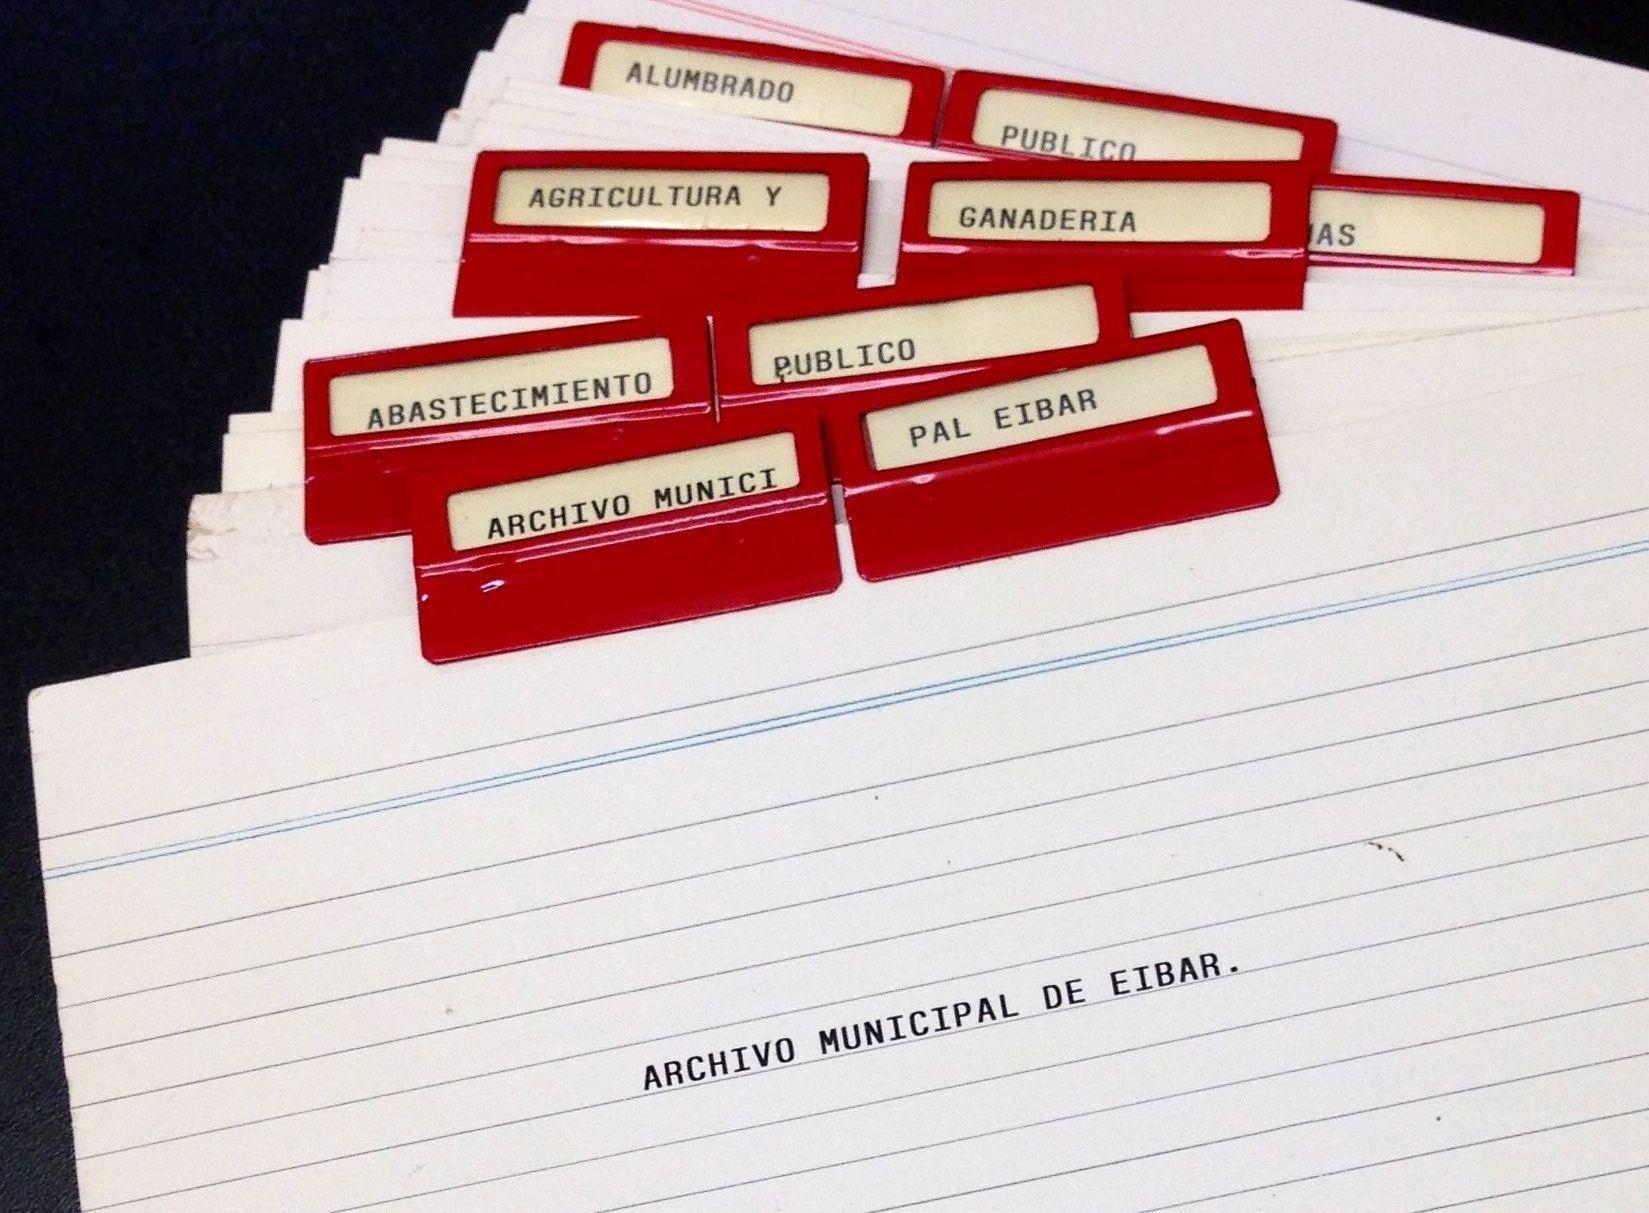 El Archivo municipal de Eibar publica la relación de todos sus fondos y colecciones.